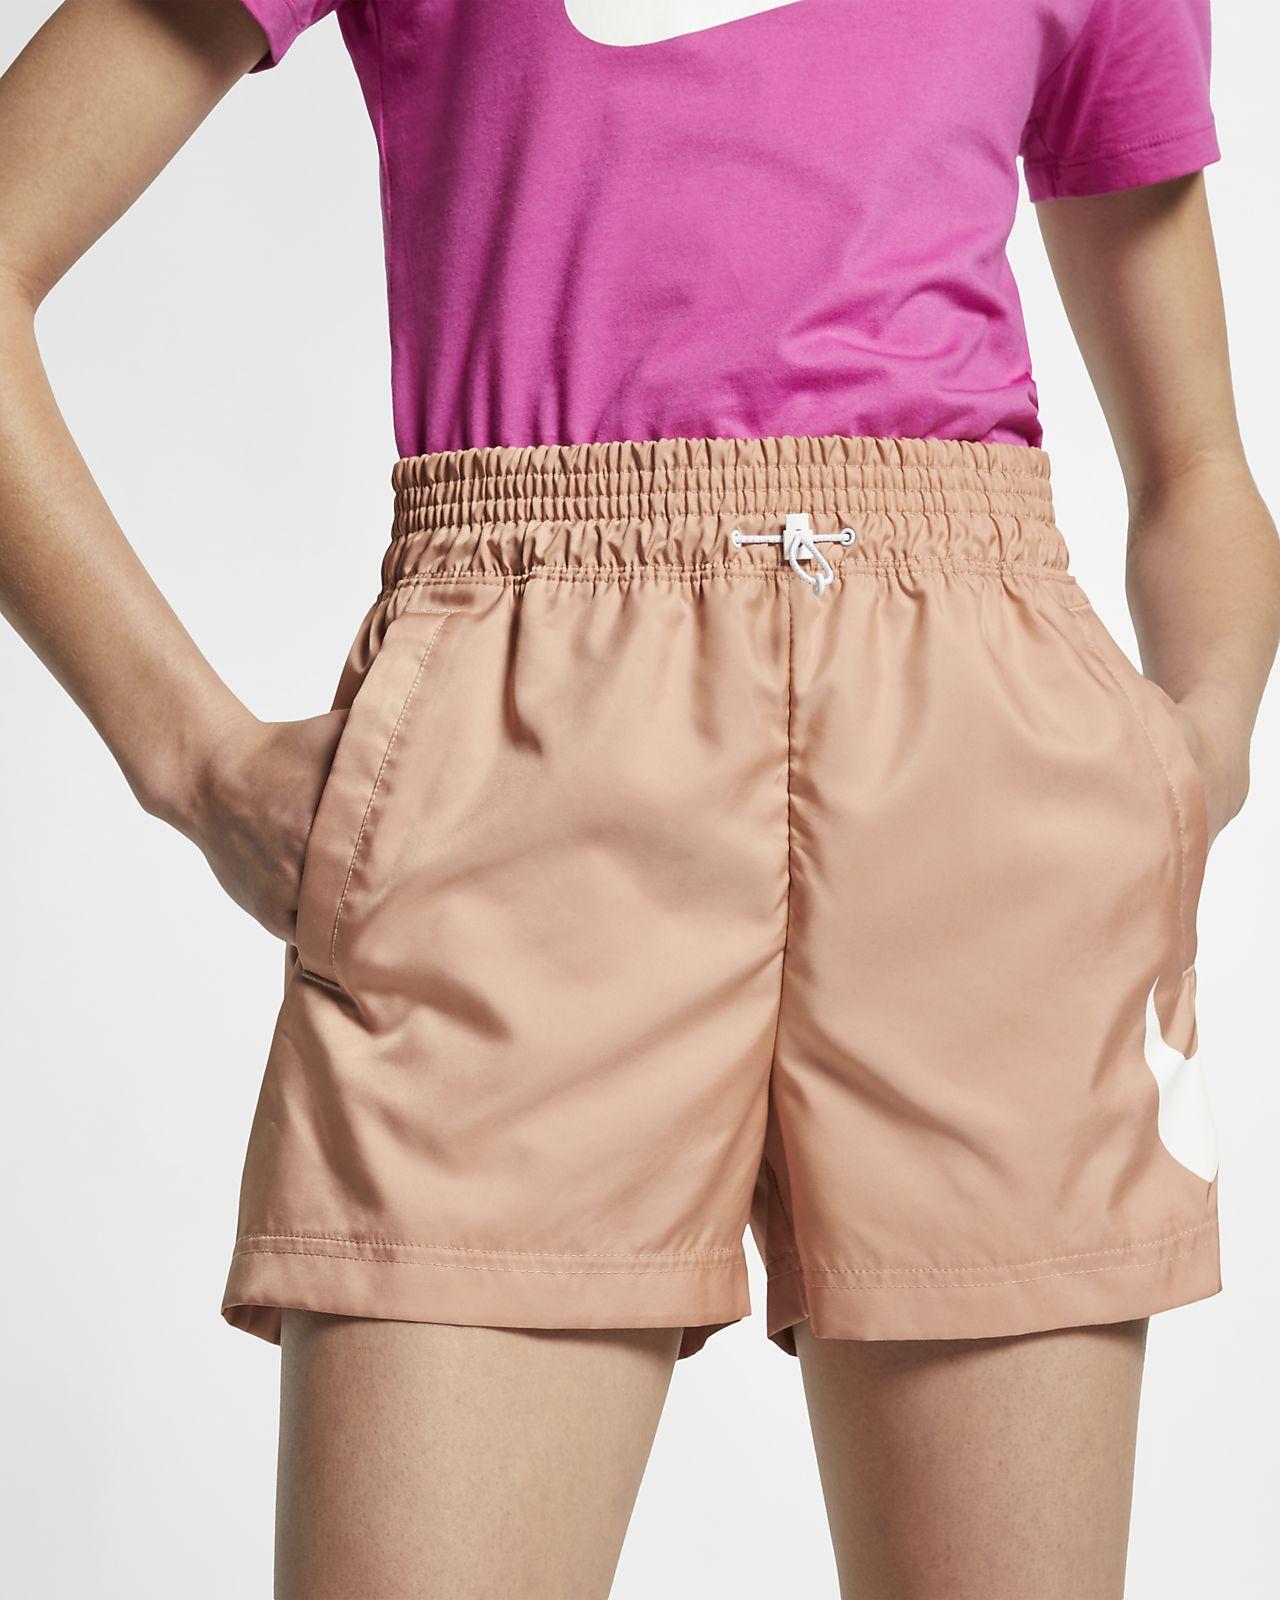 936dd292 Nike Sportswear Swoosh Women's Woven Shorts. Nike.com SE